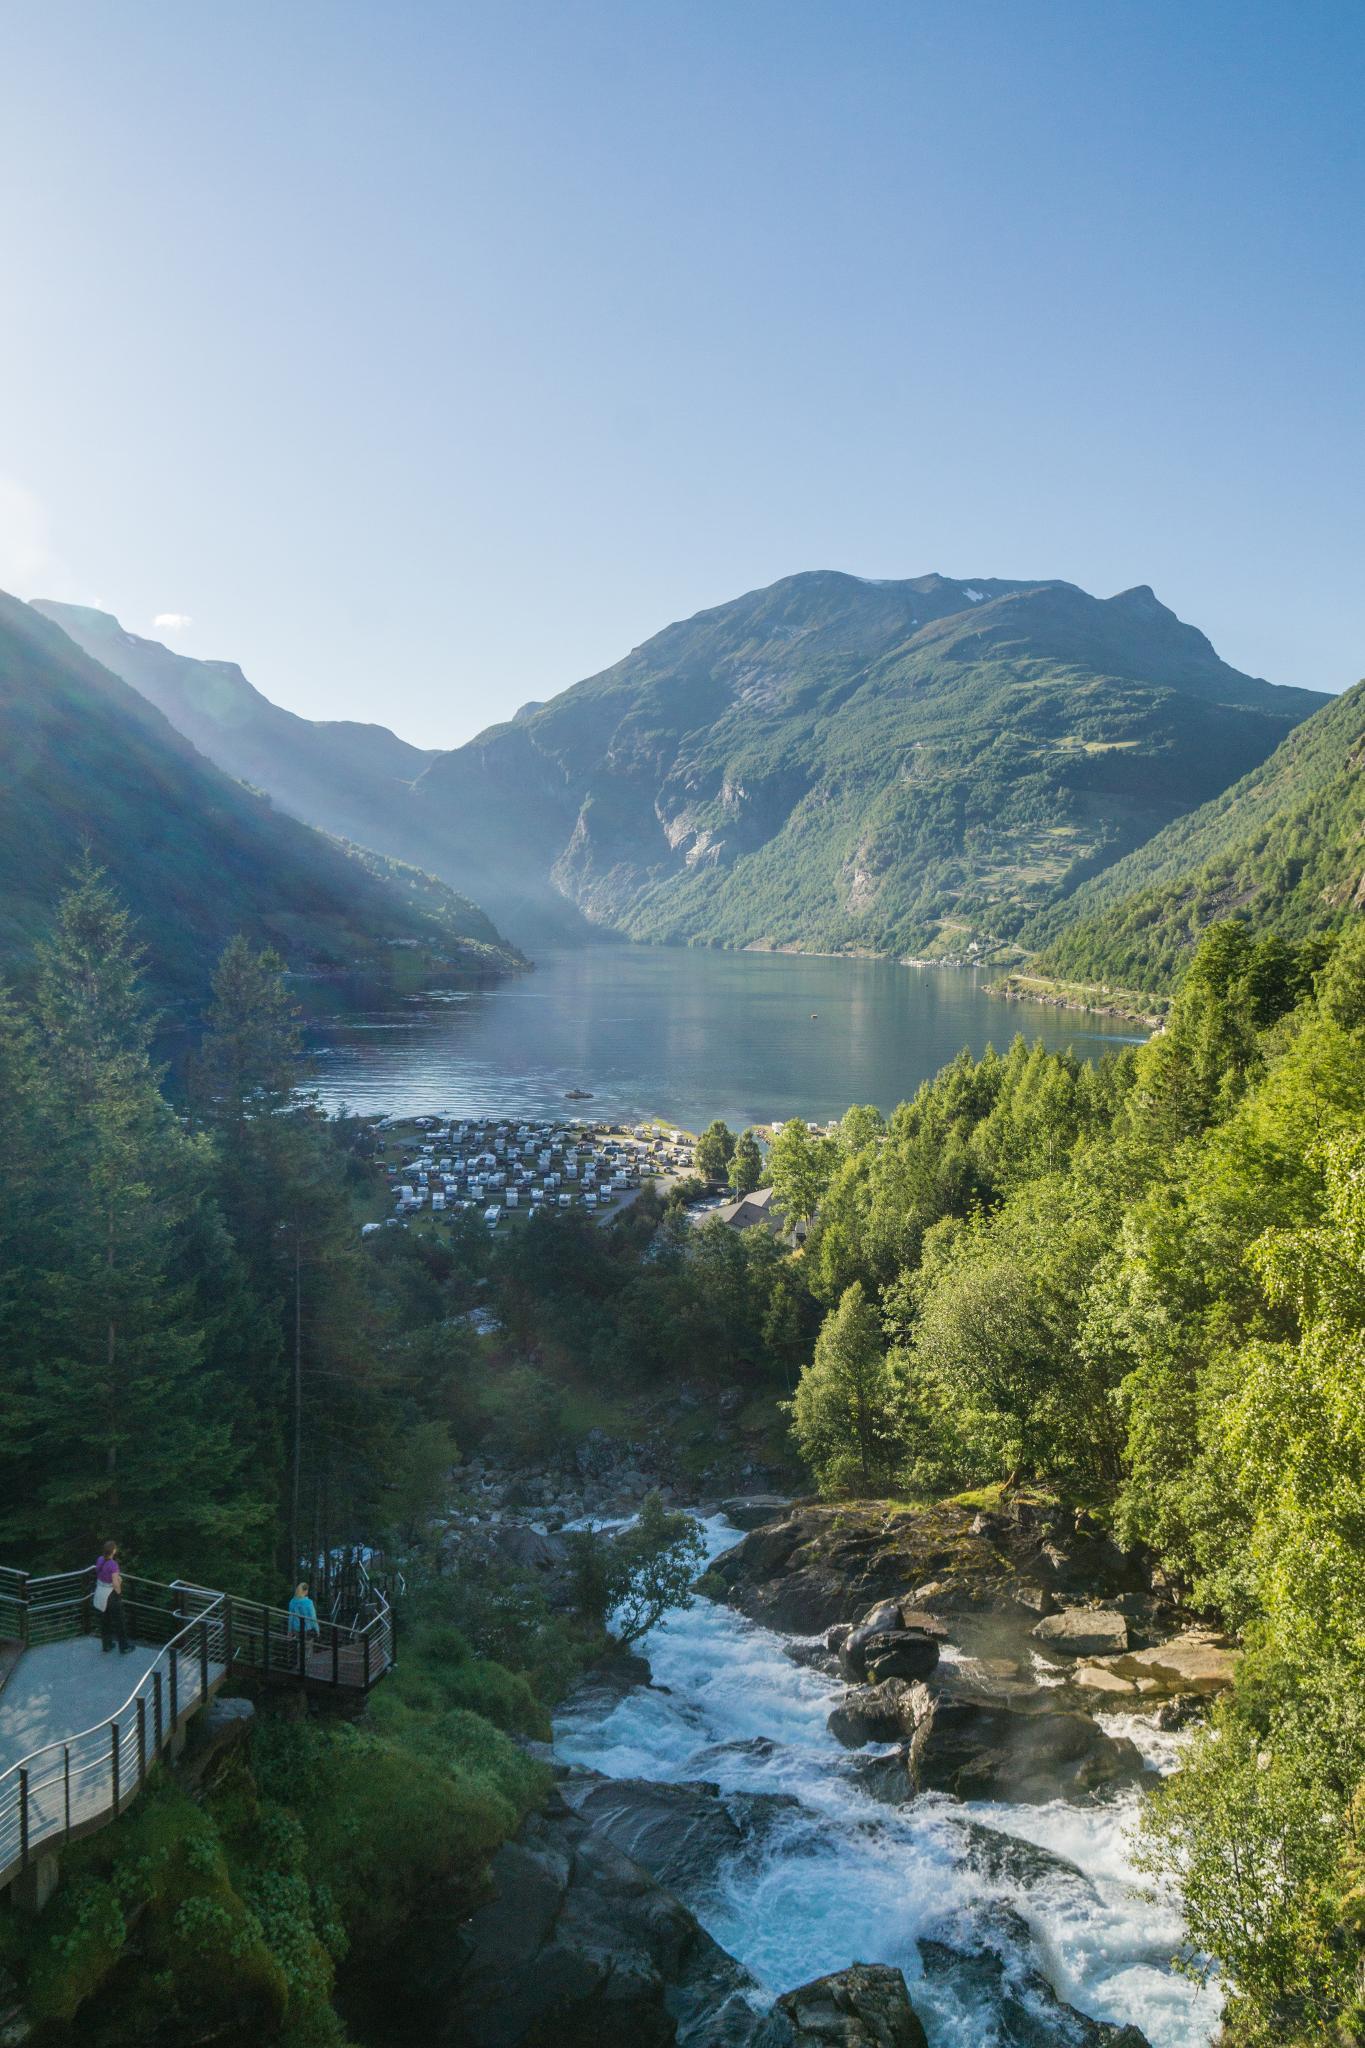 【北歐景點】Ørnesvingen 老鷹之路 ∣ 挪威世界遺產 — 蓋倫格峽灣景點總整理 27